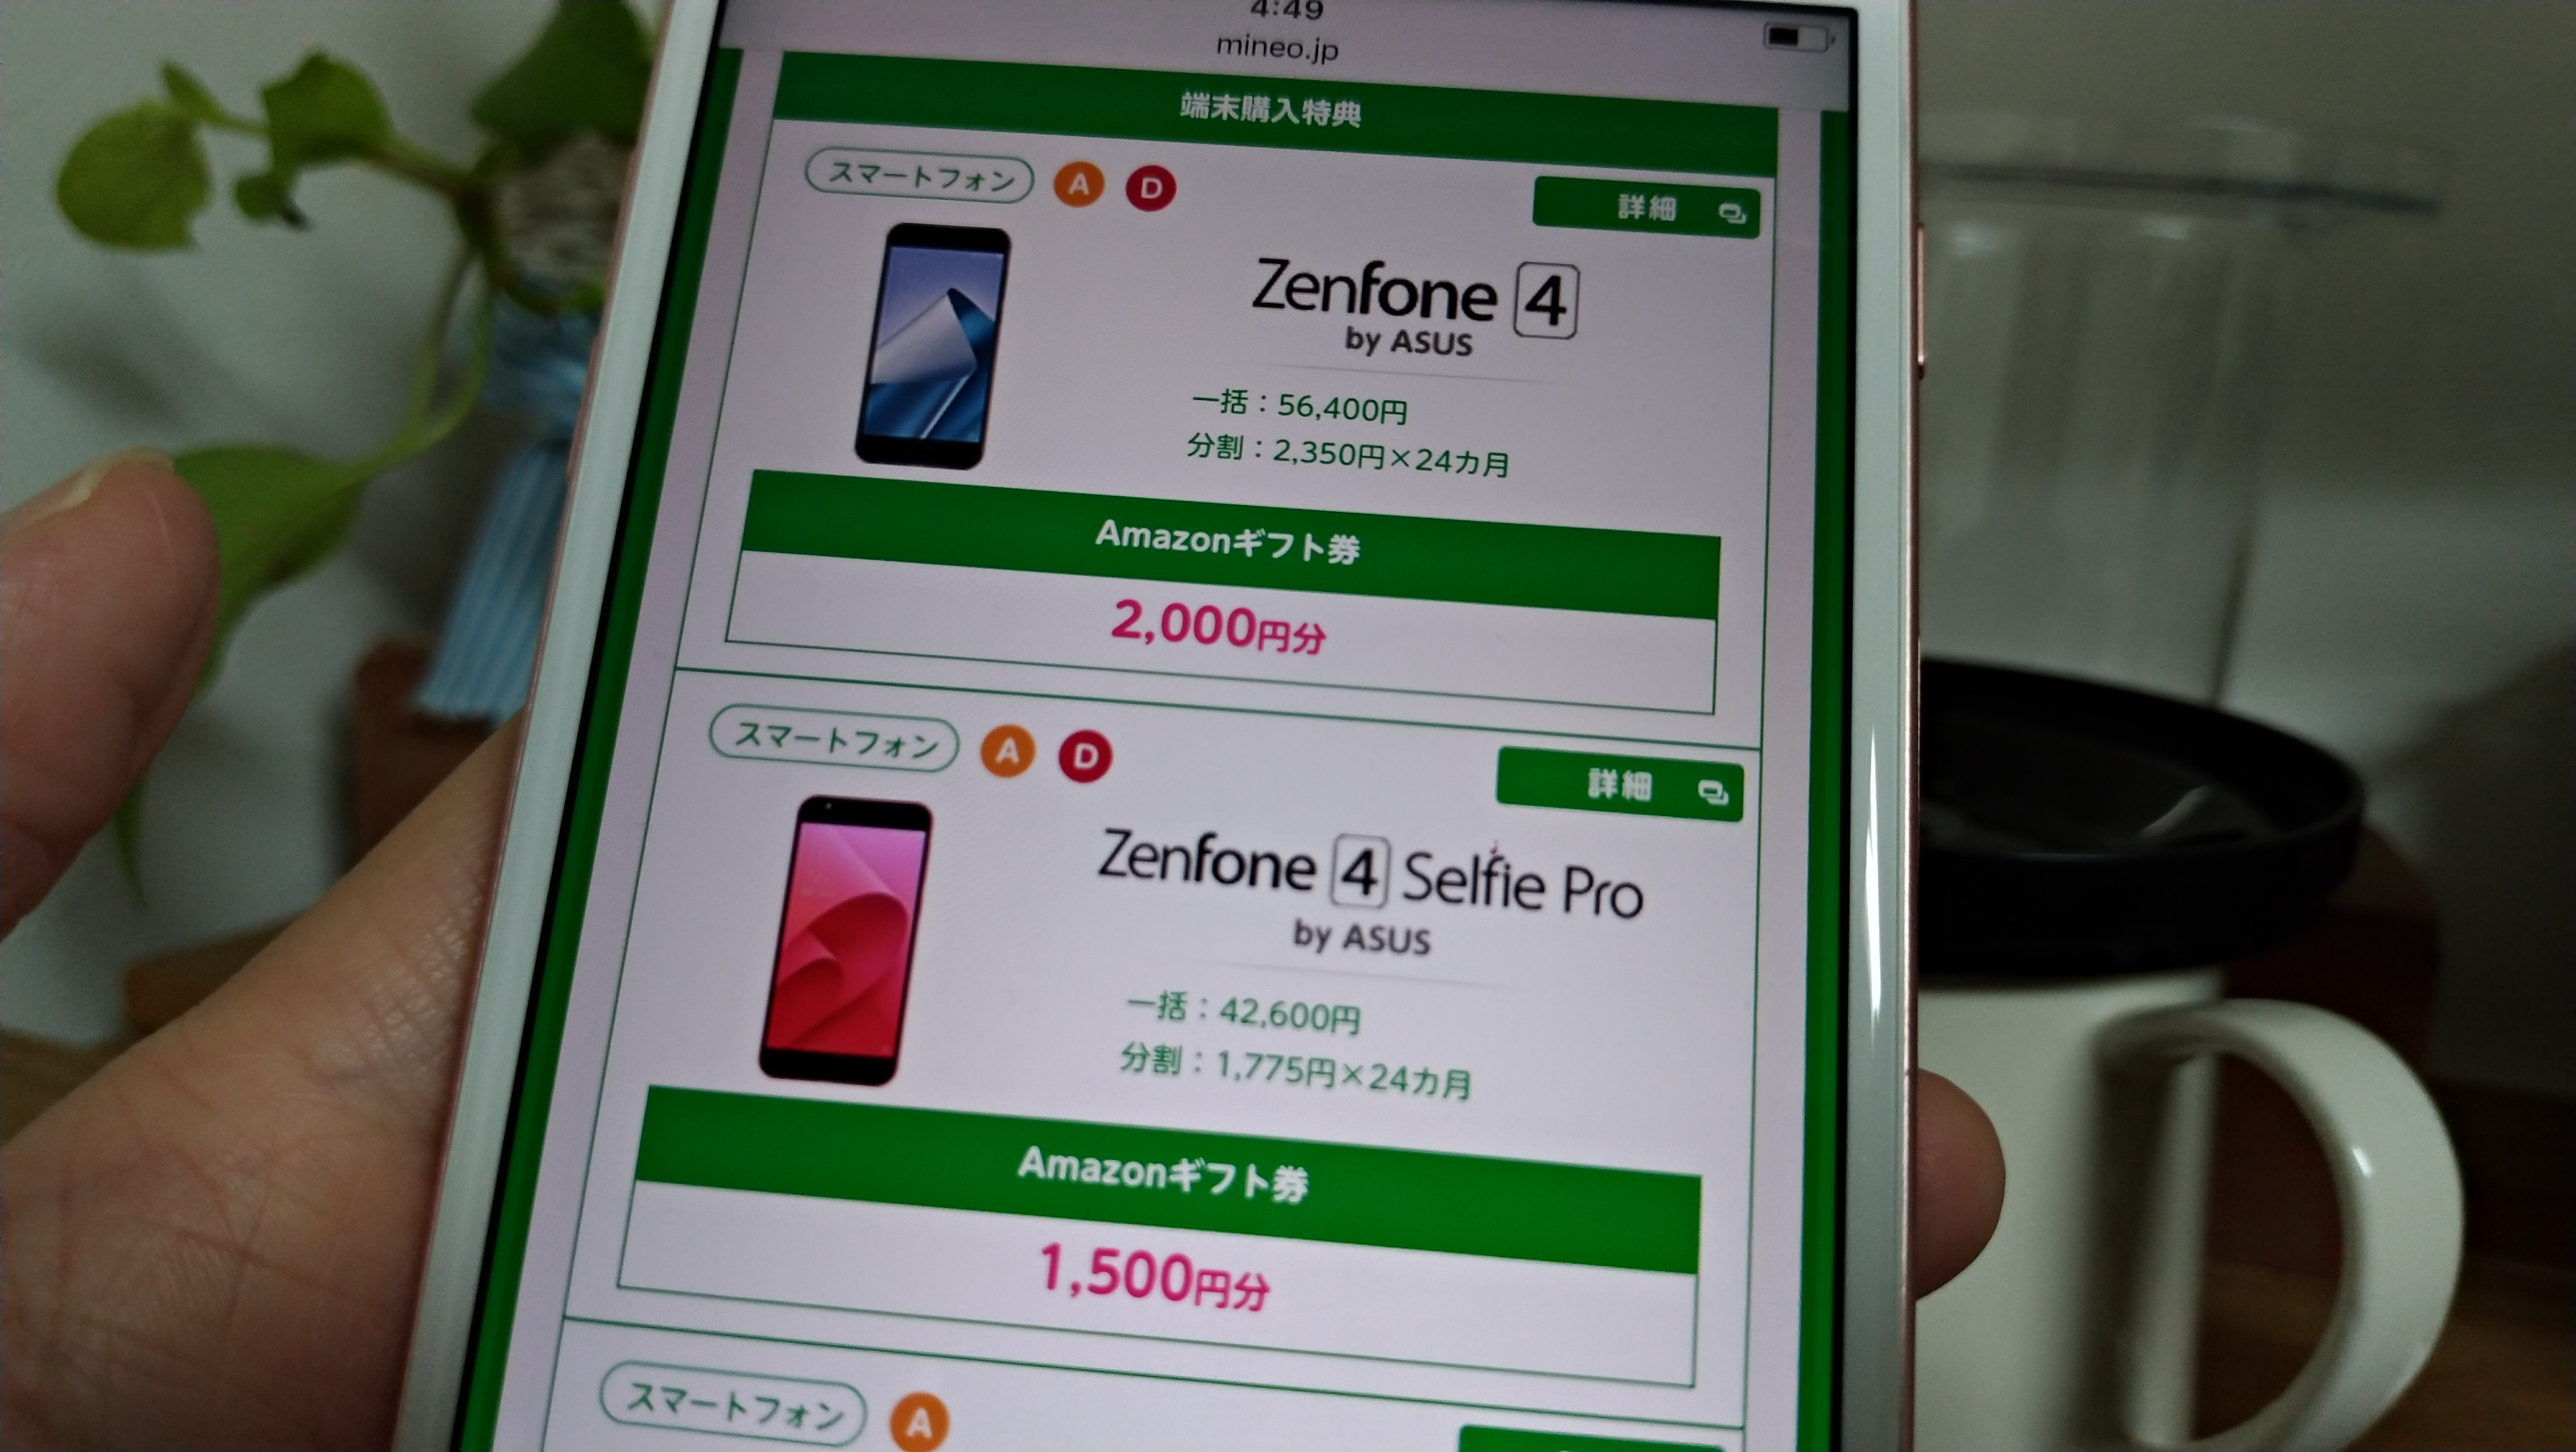 ZenFone4 2,000円分のAmazonギフト券